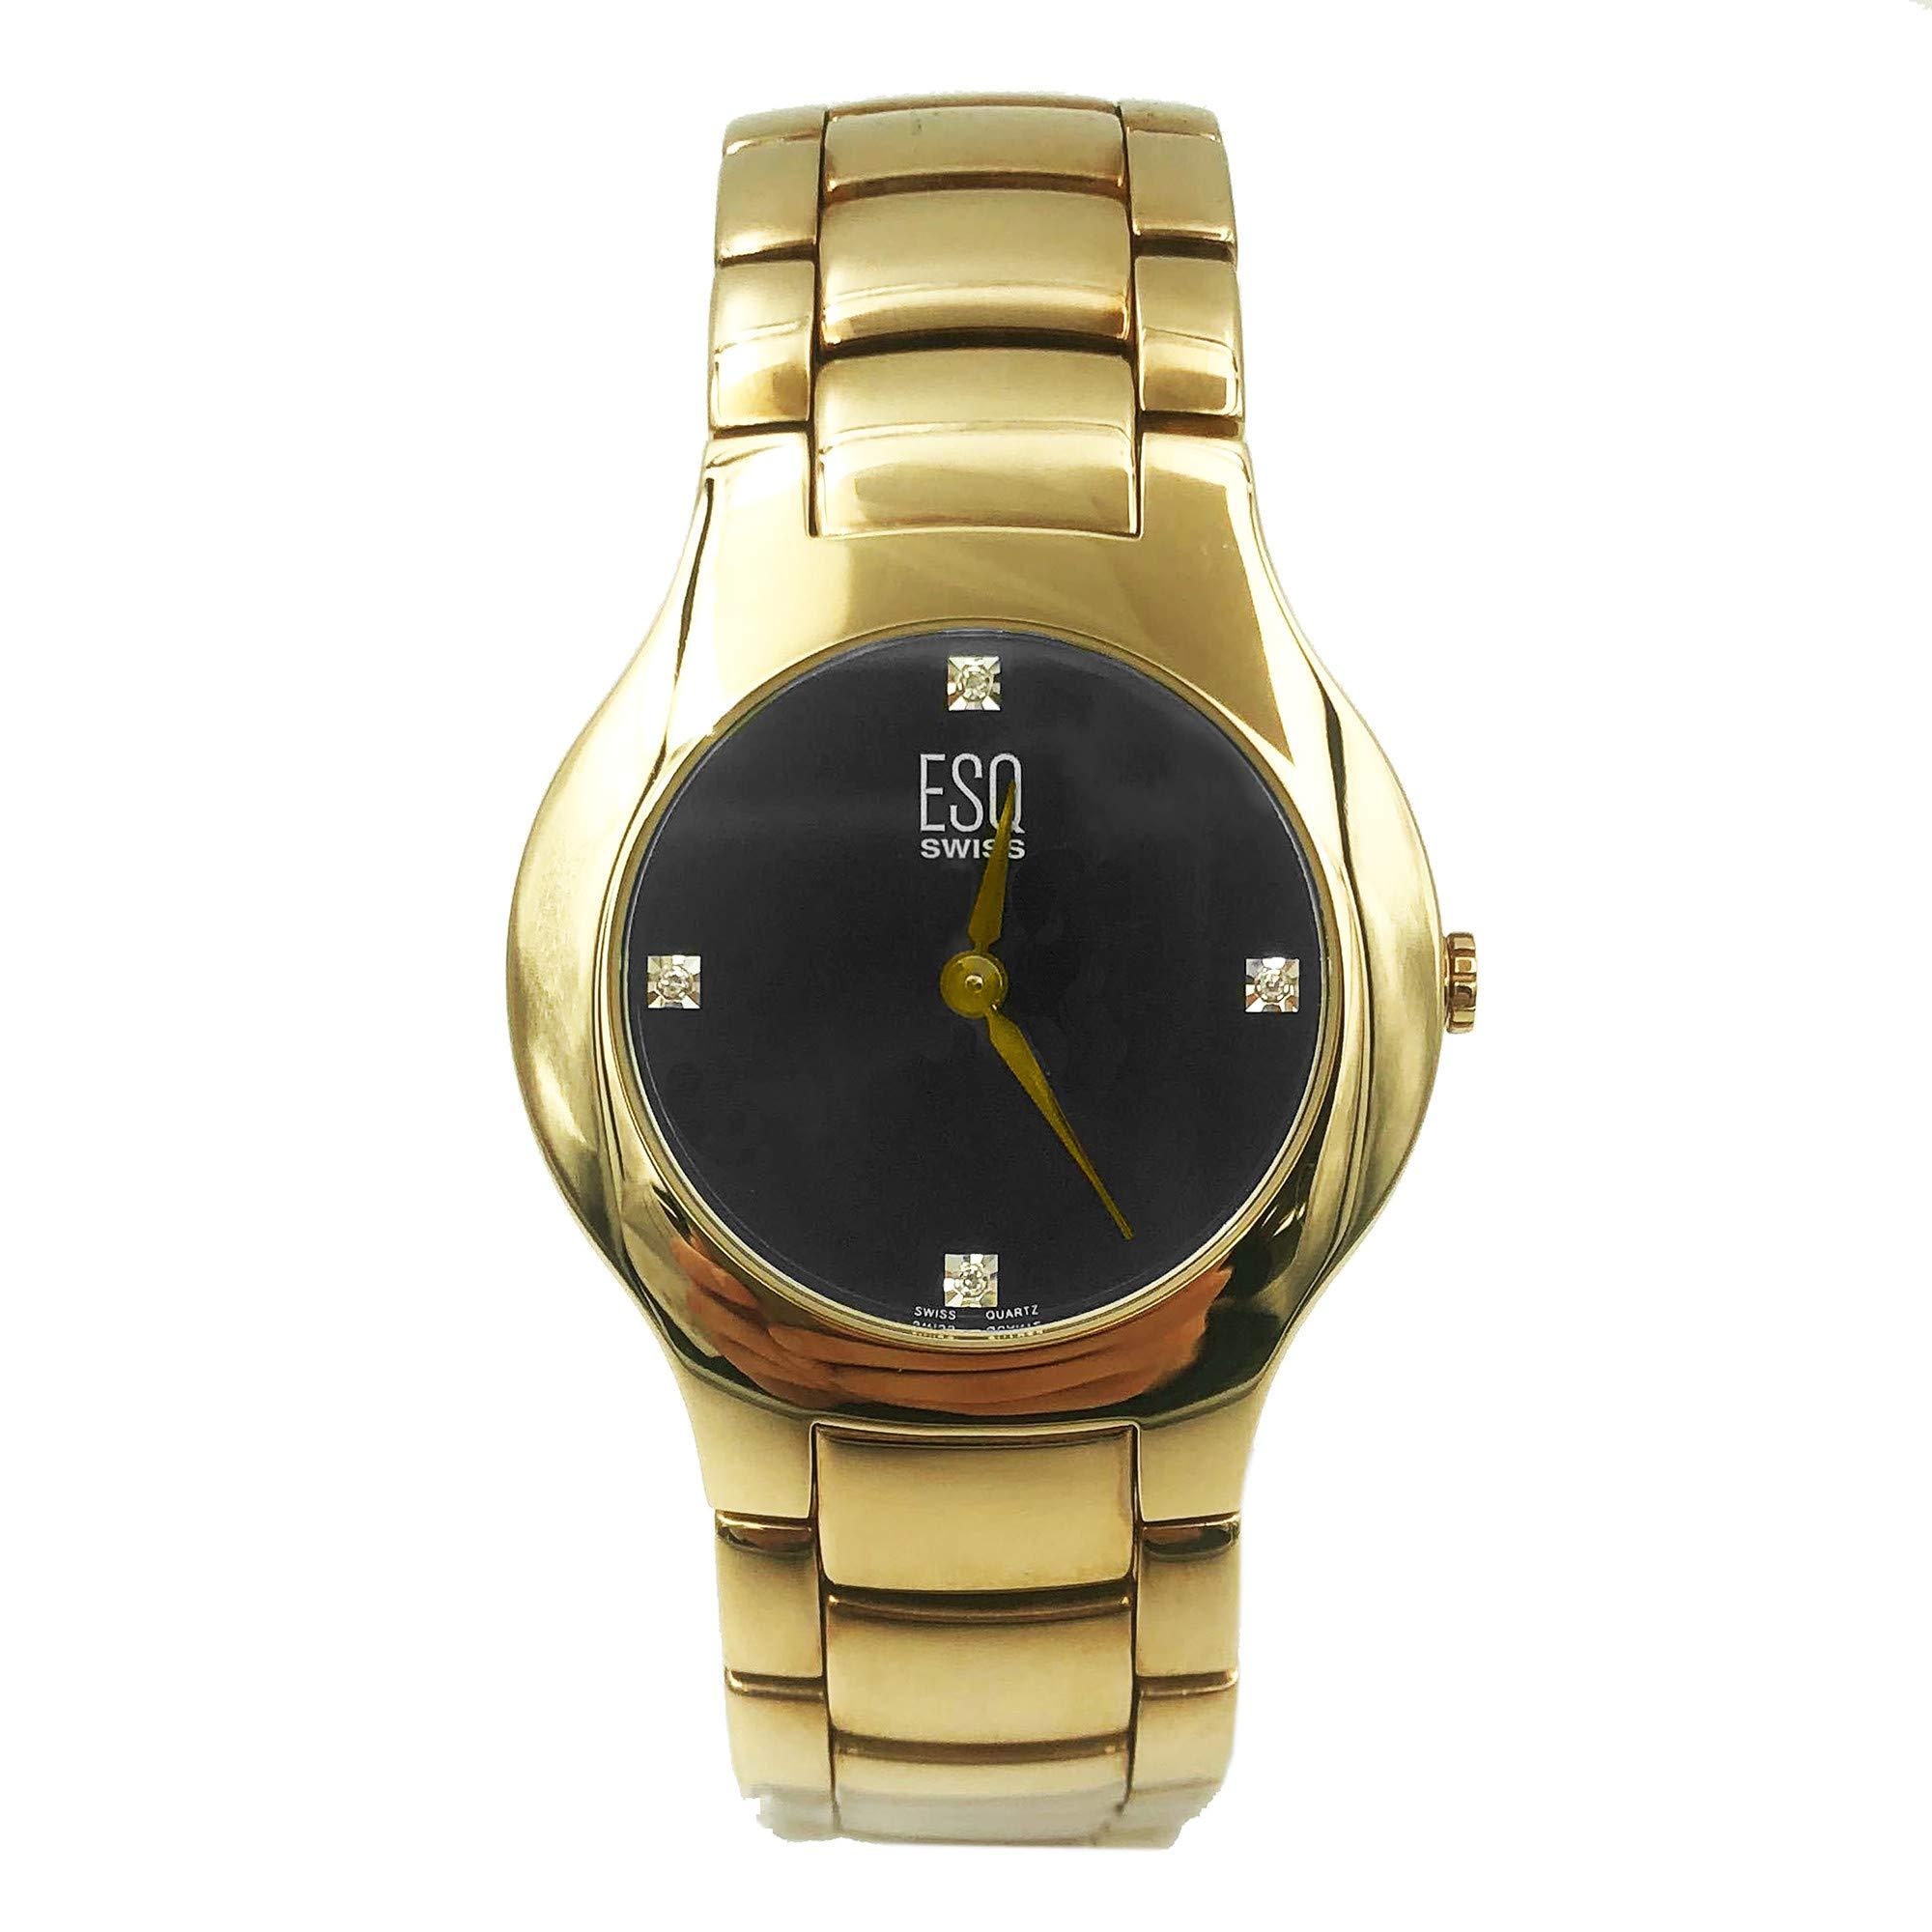 ESQ Verve Quartz Male Watch 07301190 (Certified Pre-Owned) by ESQ